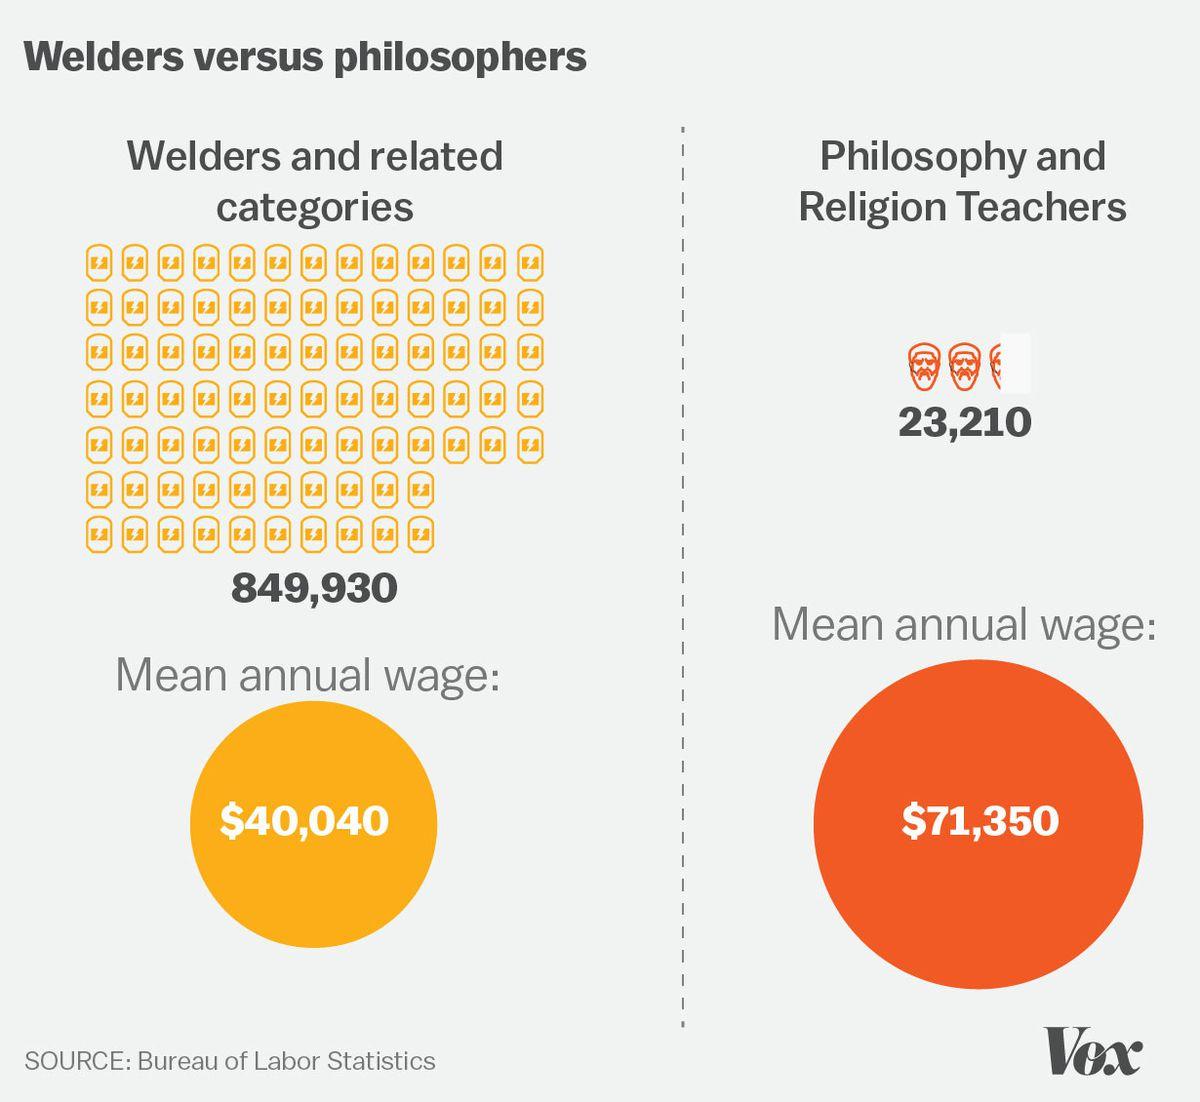 Welders versus philosophers wages